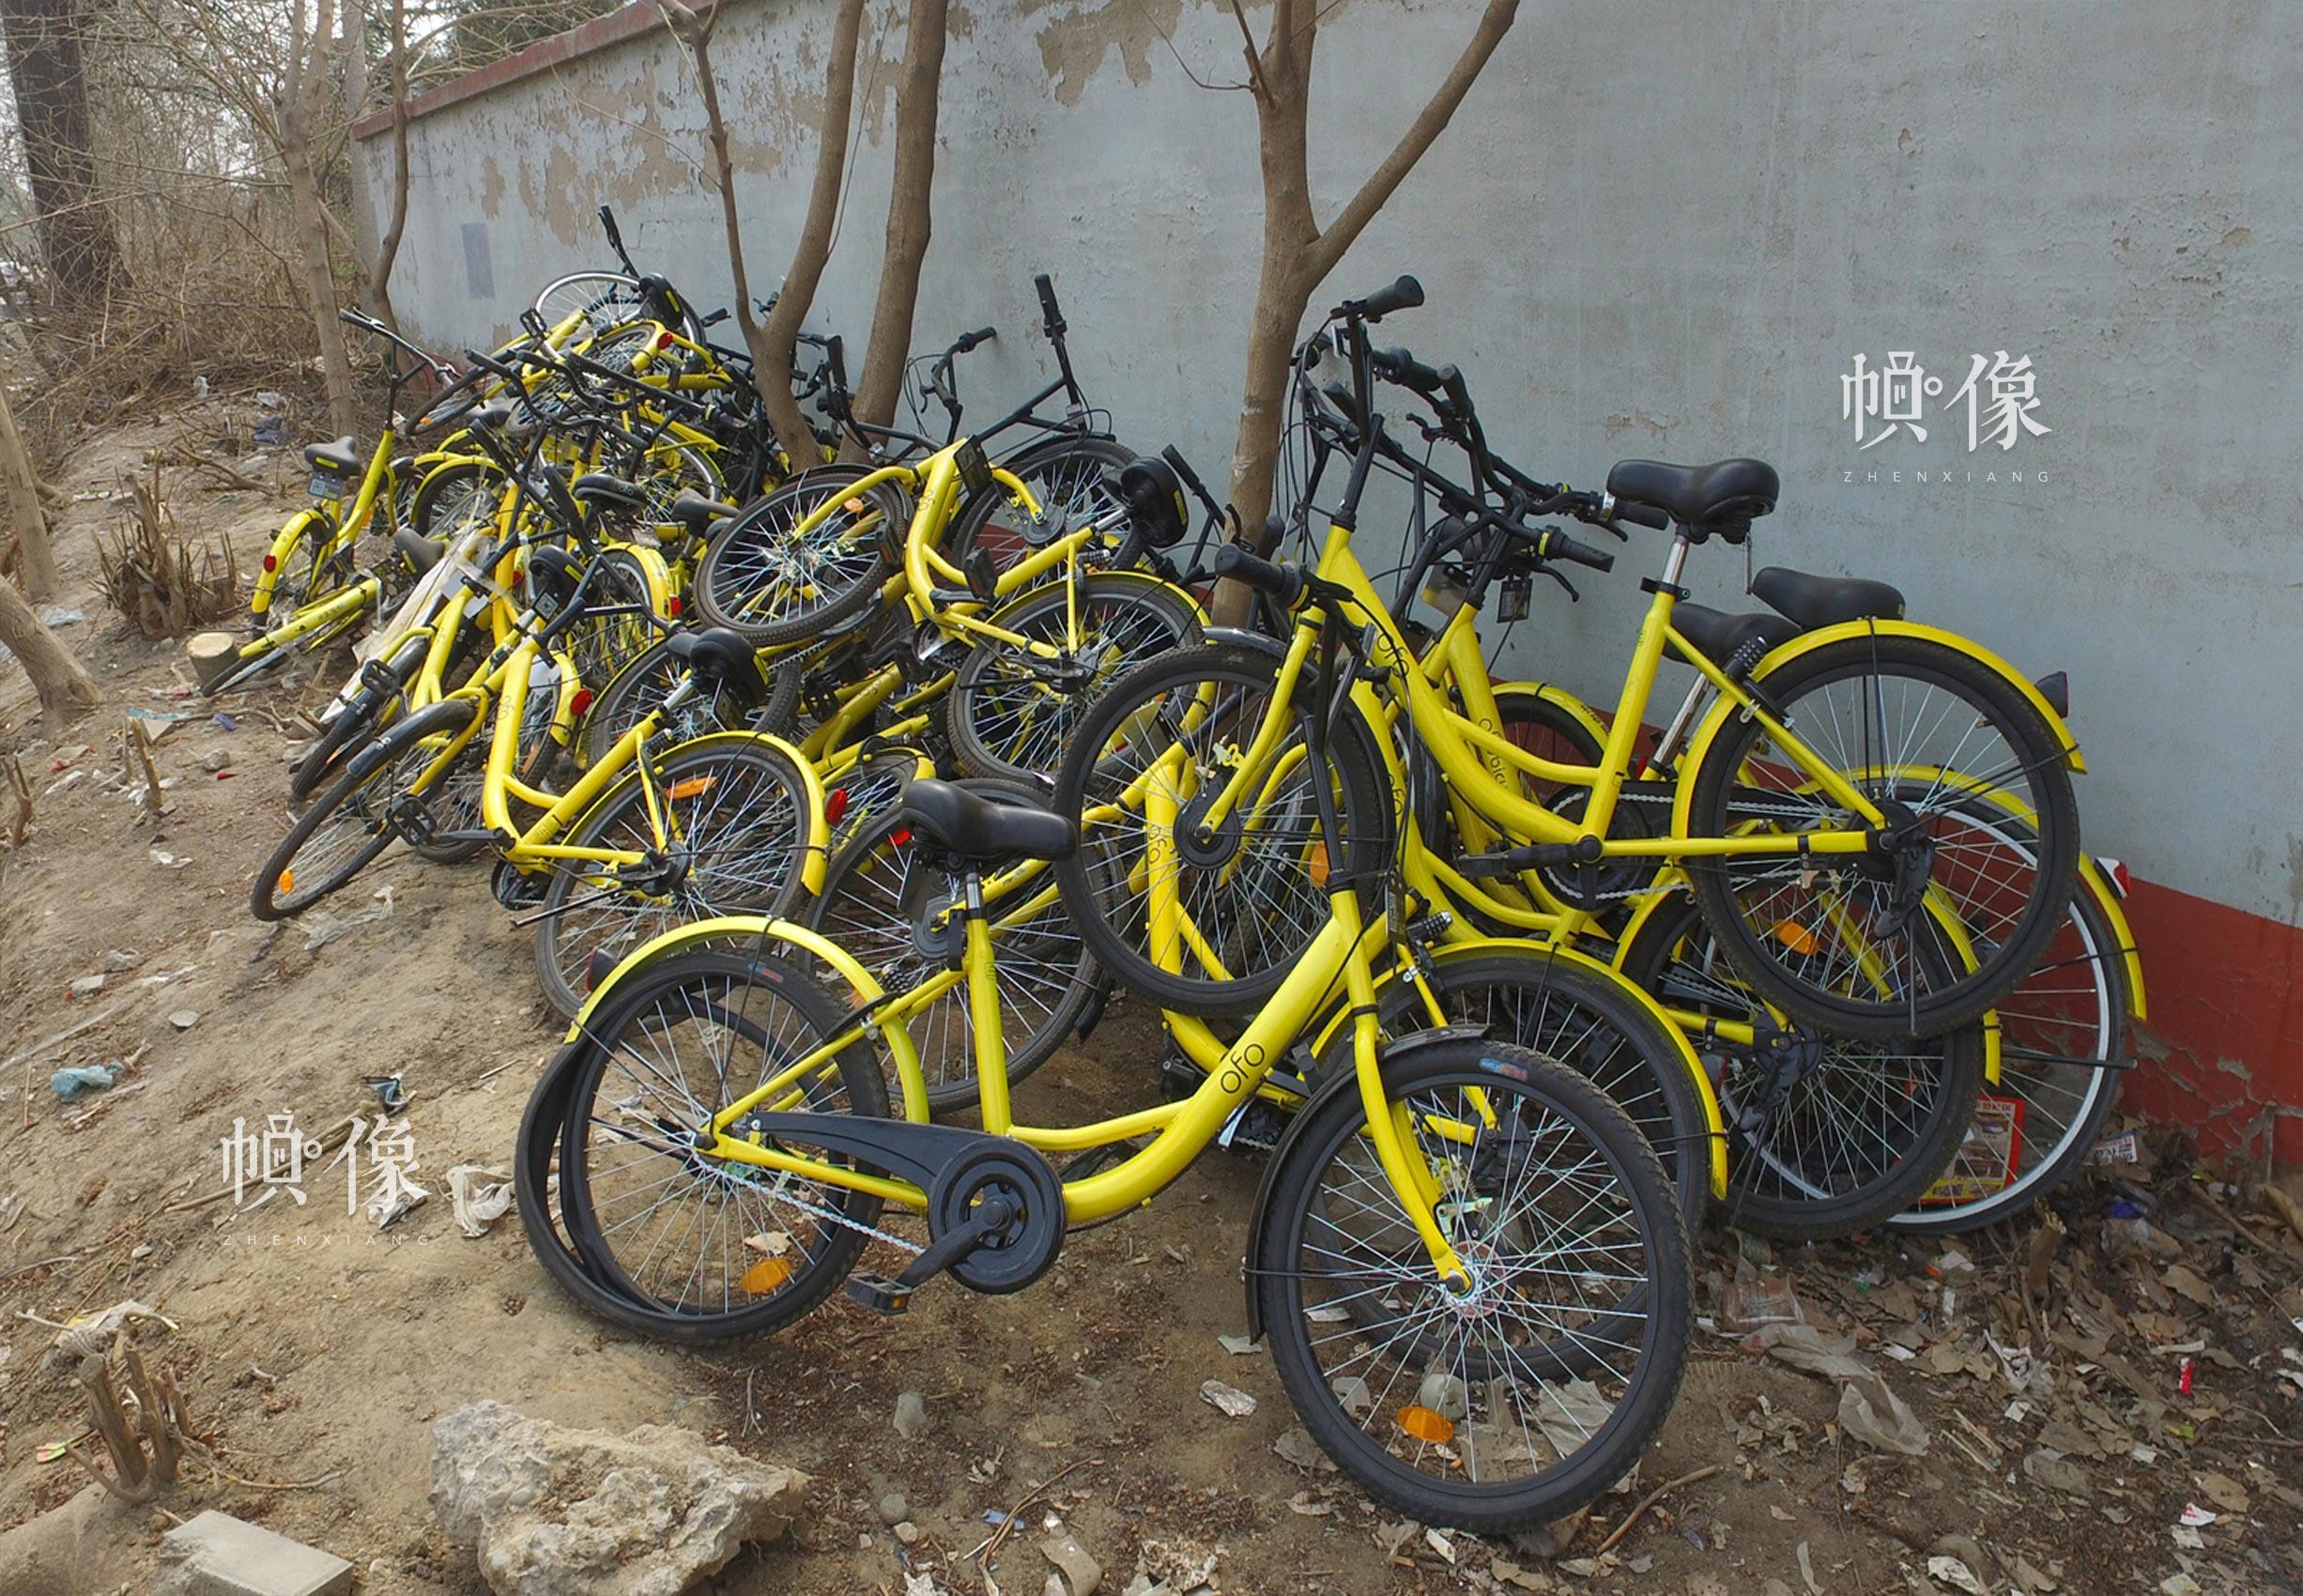 大量损坏的共享单车被堆放在墙角。中国网记者 高南 摄